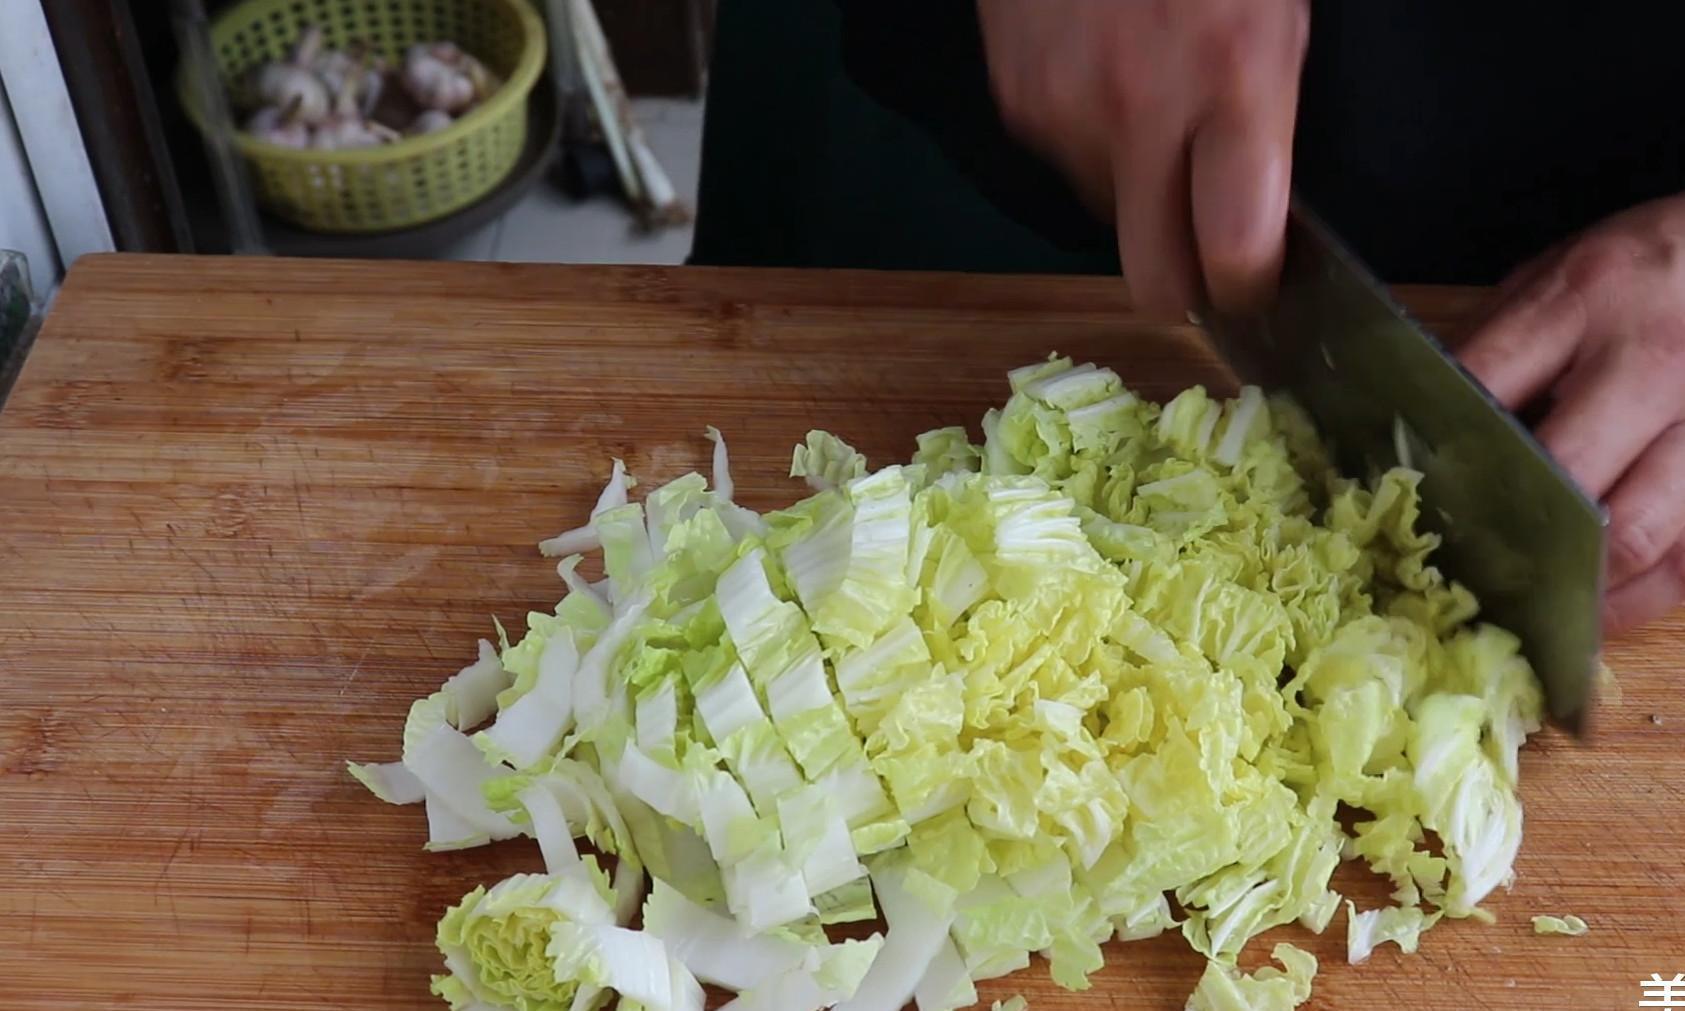 大烩菜这样做才好吃,有肉有菜有粉条,营养又好吃,超简单